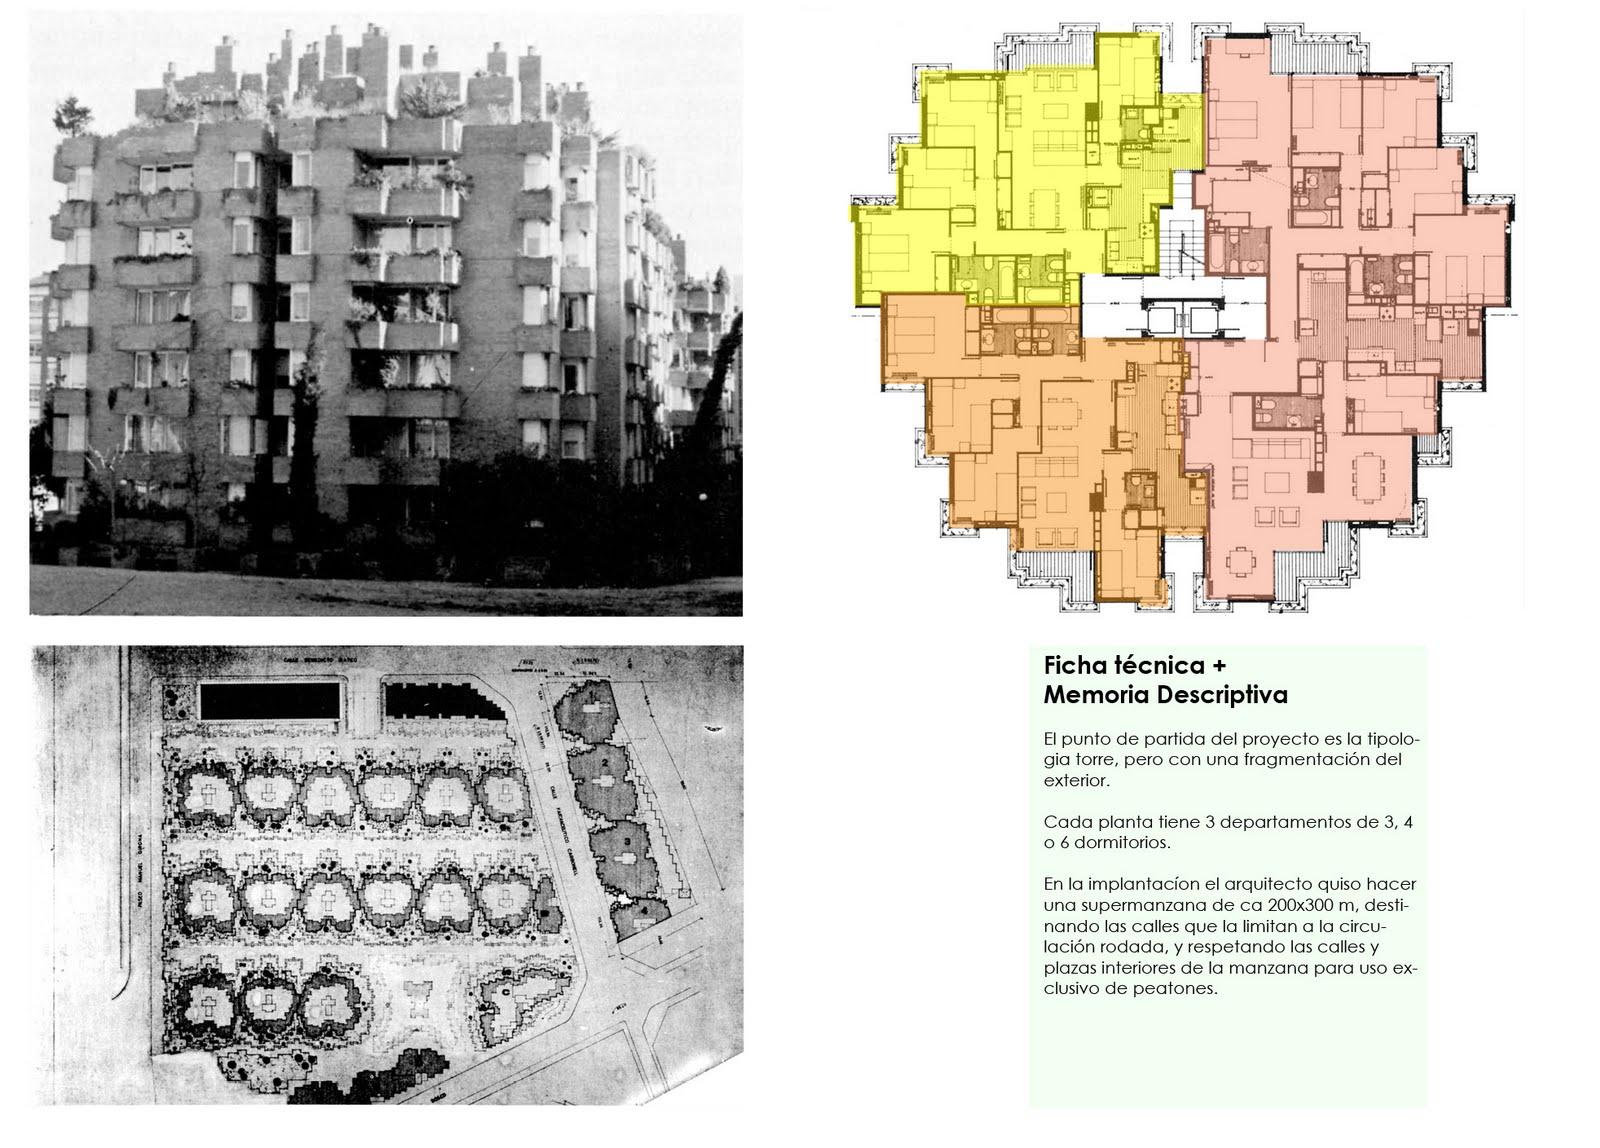 Taller de arquitectura coderch conj viviendas barcelona Noticias de arquitectura recientes